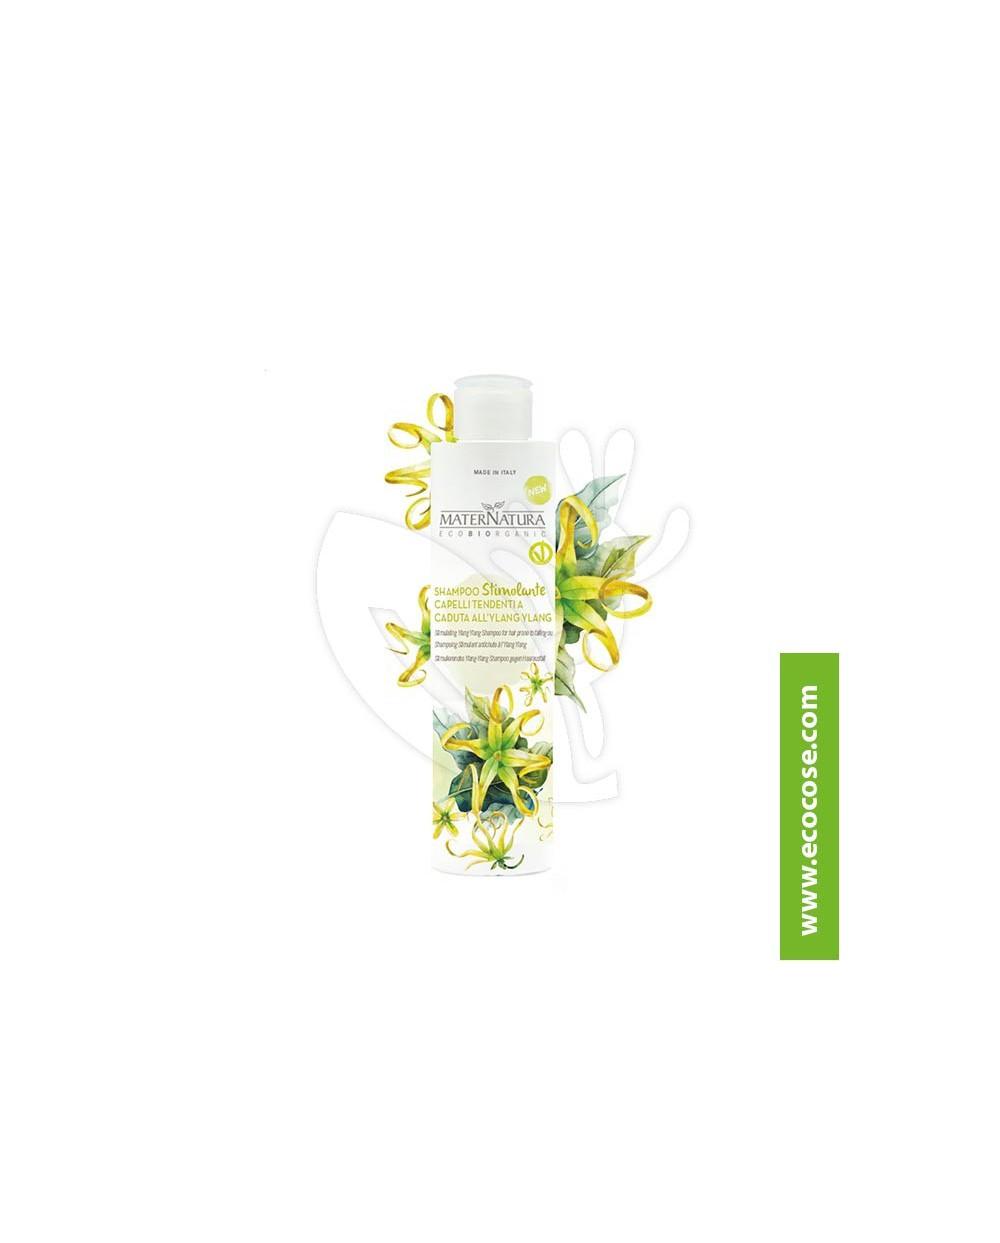 Maternatura - Shampoo Stimolante Capelli Tendenti alla Caduta all'Ylang Ylang